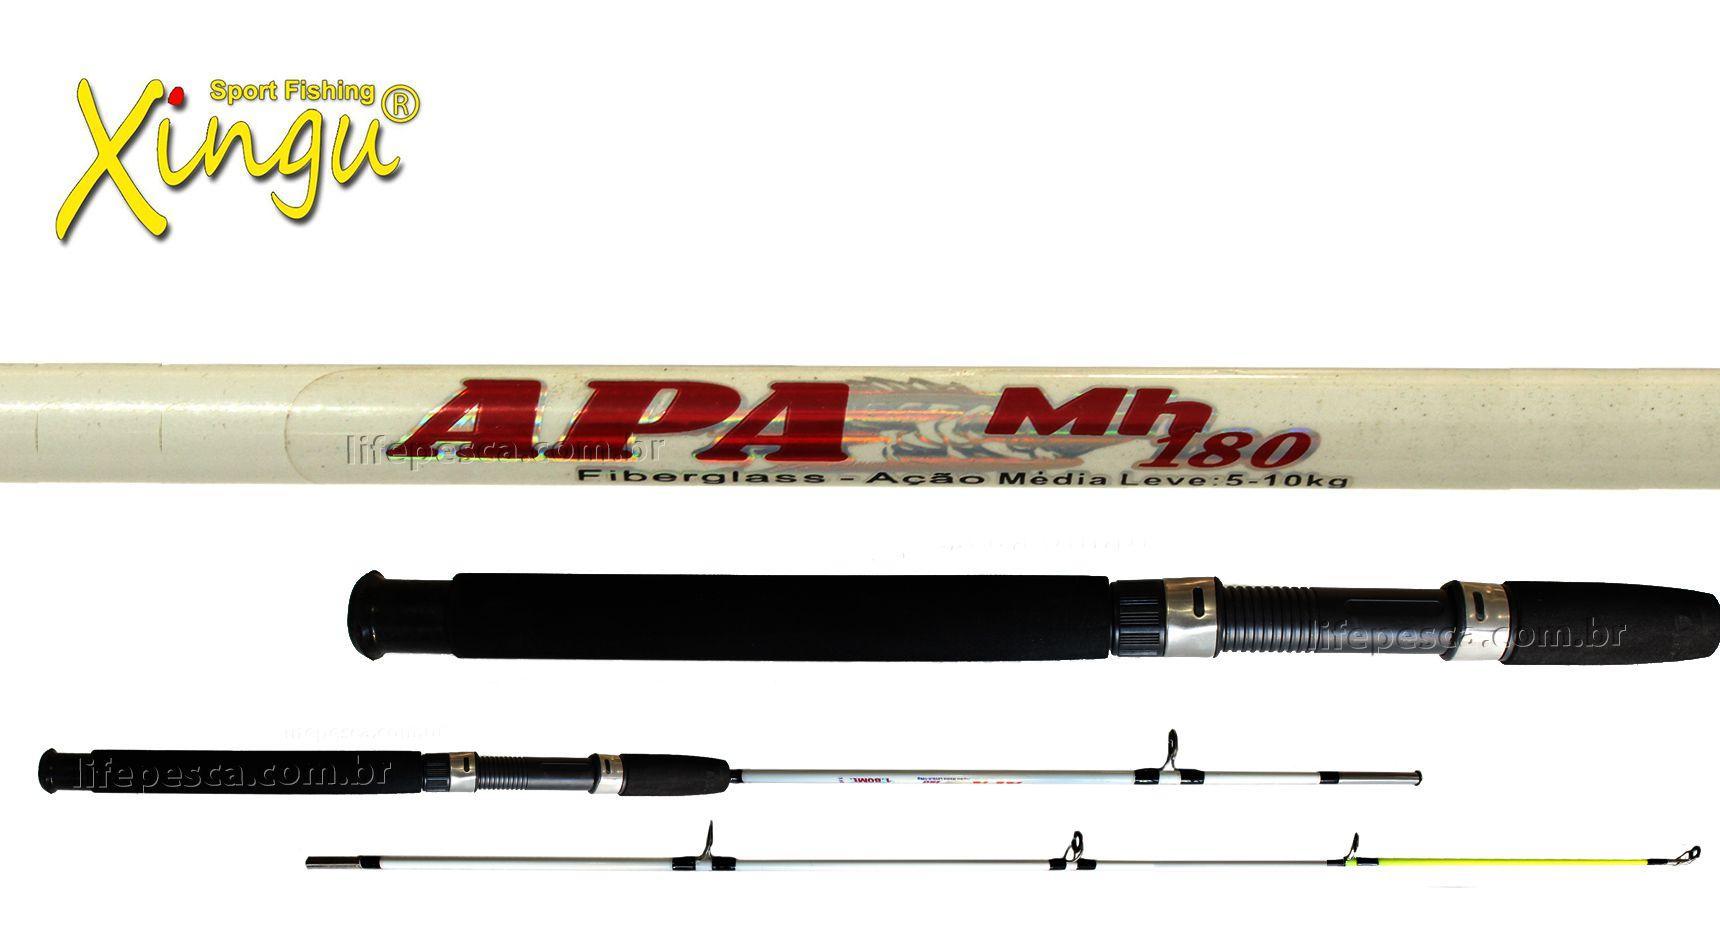 Vara para Molinete Xingu APA MH 8 0 (2,40m) 15-30Lbs XV3171 - 2 Partes - Várias Cores  - Life Pesca - Sua loja de Pesca, Camping e Lazer